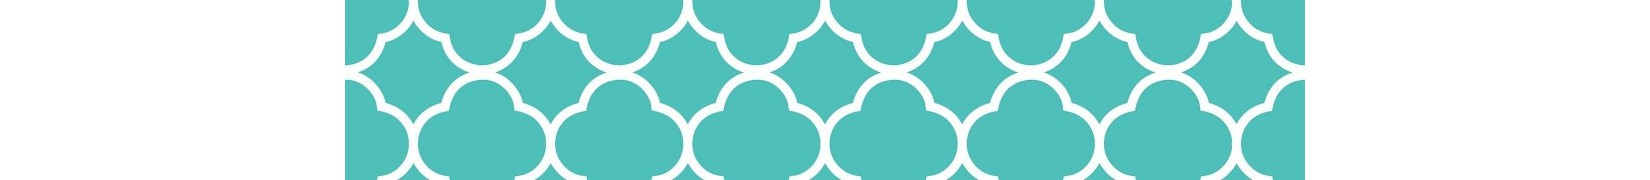 Dywany w stylu marokańskim. Nowoczesne wzory - sklep Śliczne Dywany